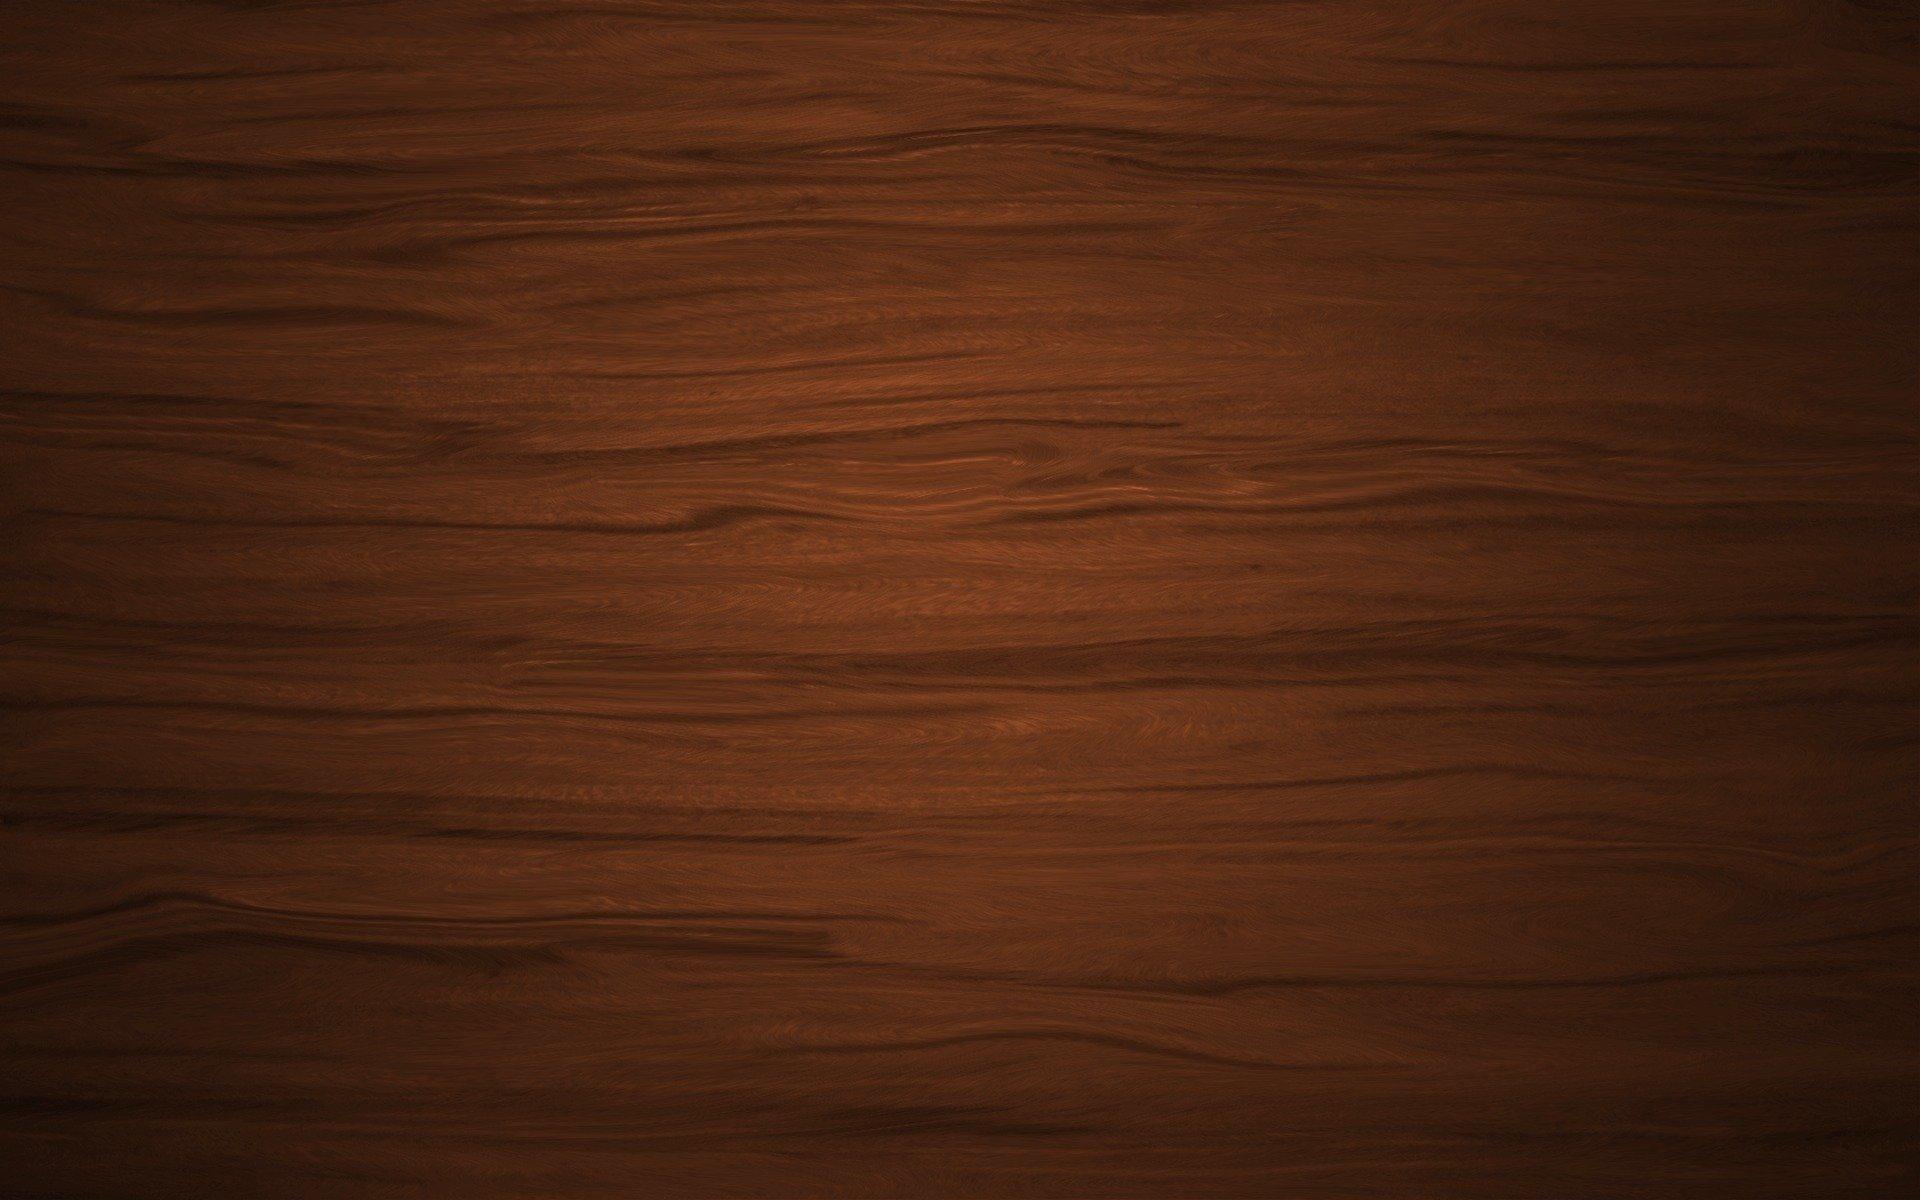 Wood Texture Free wallpaper | 1920x1200 | 584238 | WallpaperUP